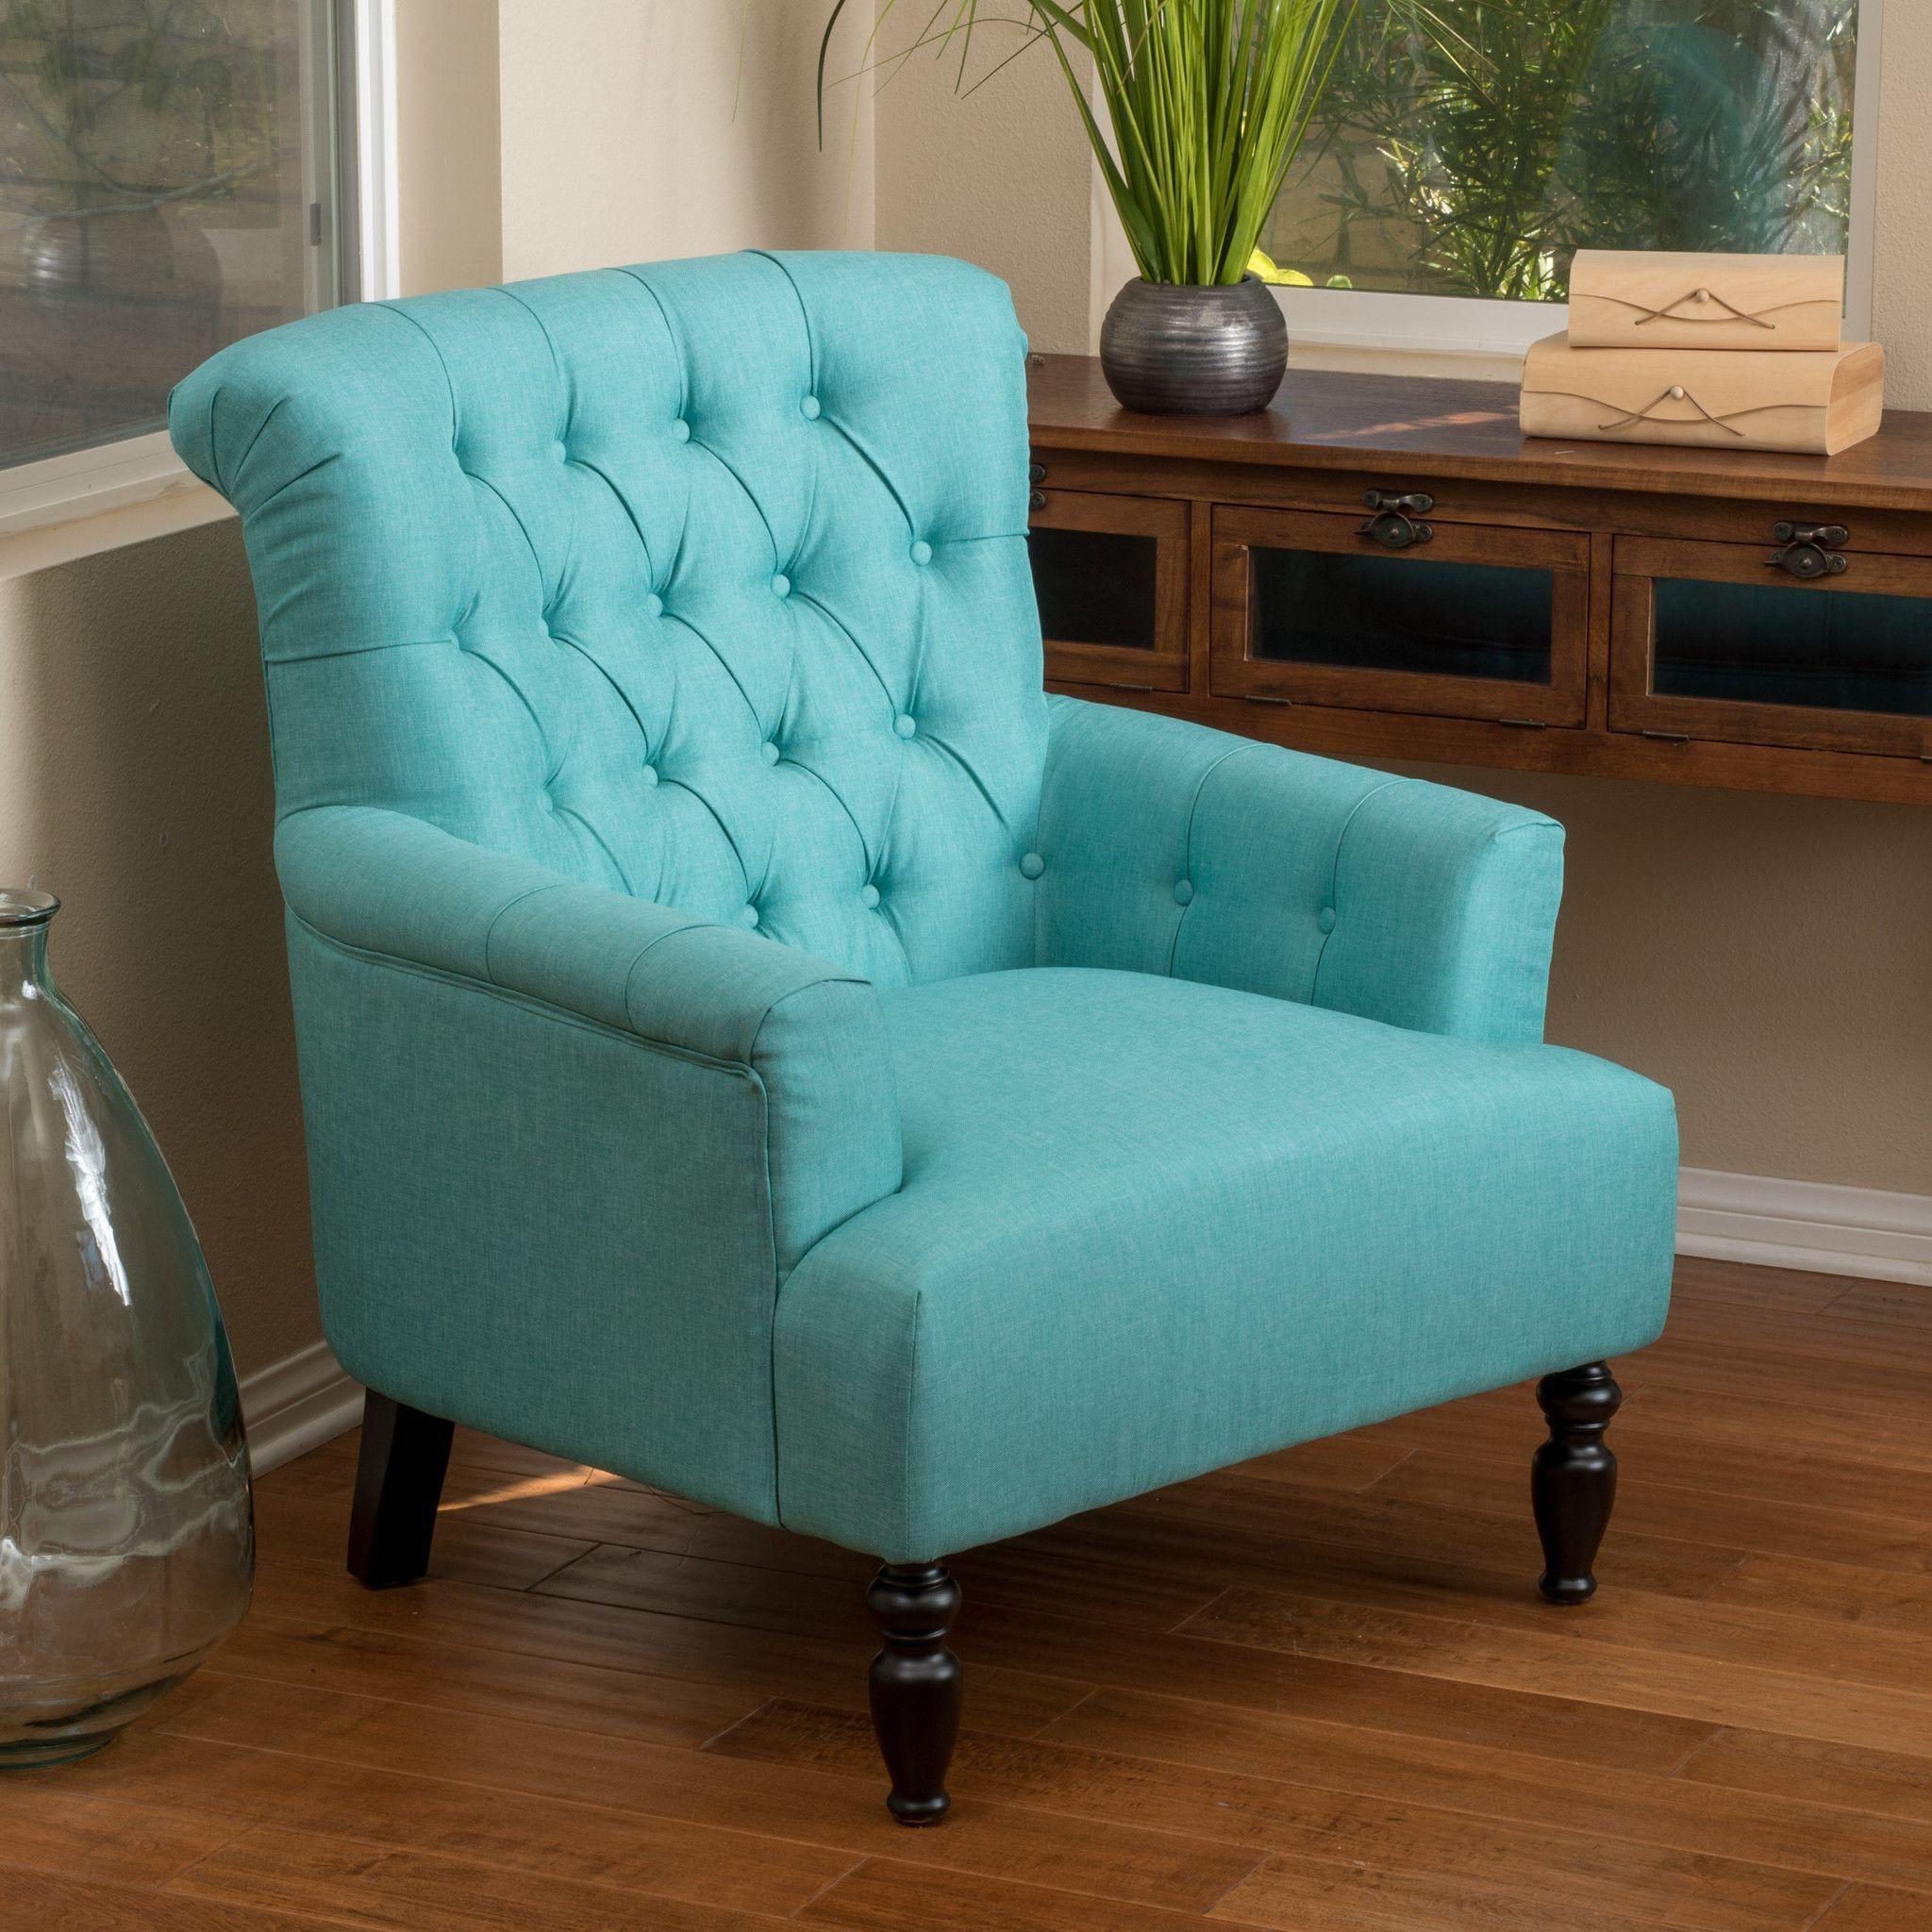 Harvey Teal Fabric Club Chair